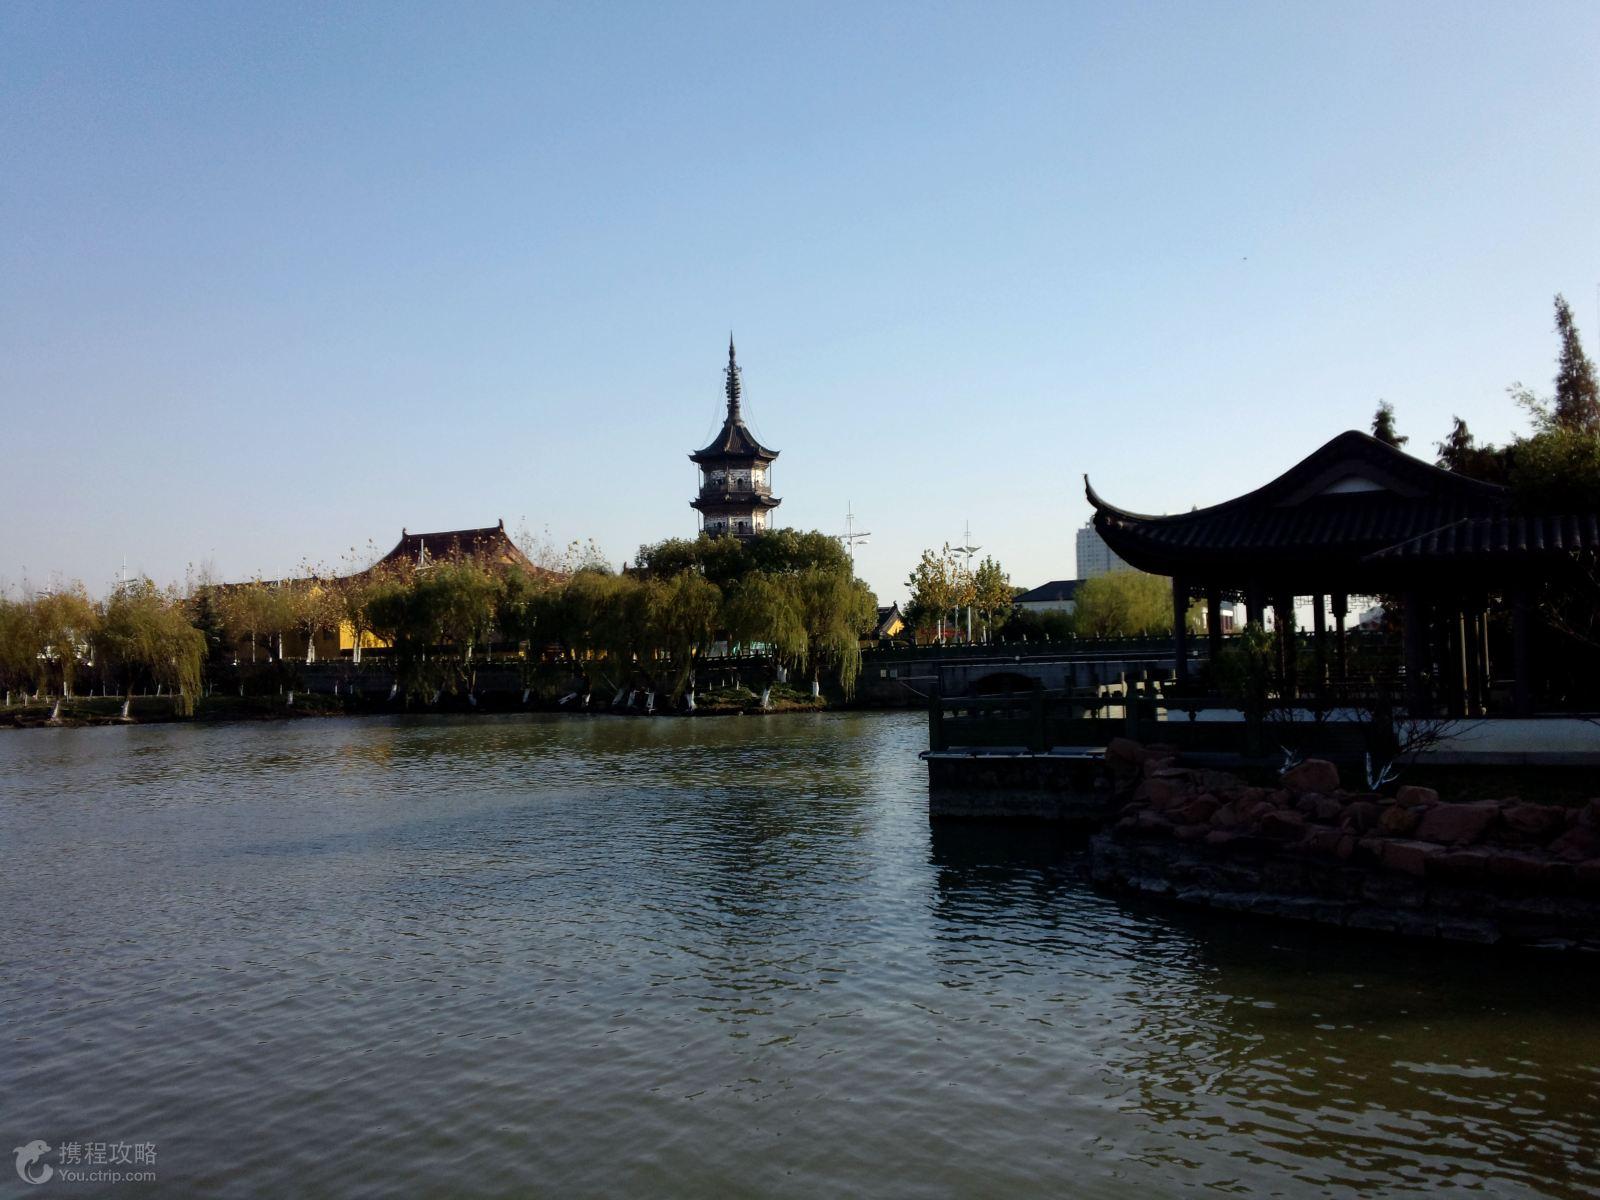 嘉兴景区东湖地址,门票介绍,东湖旅游攻略